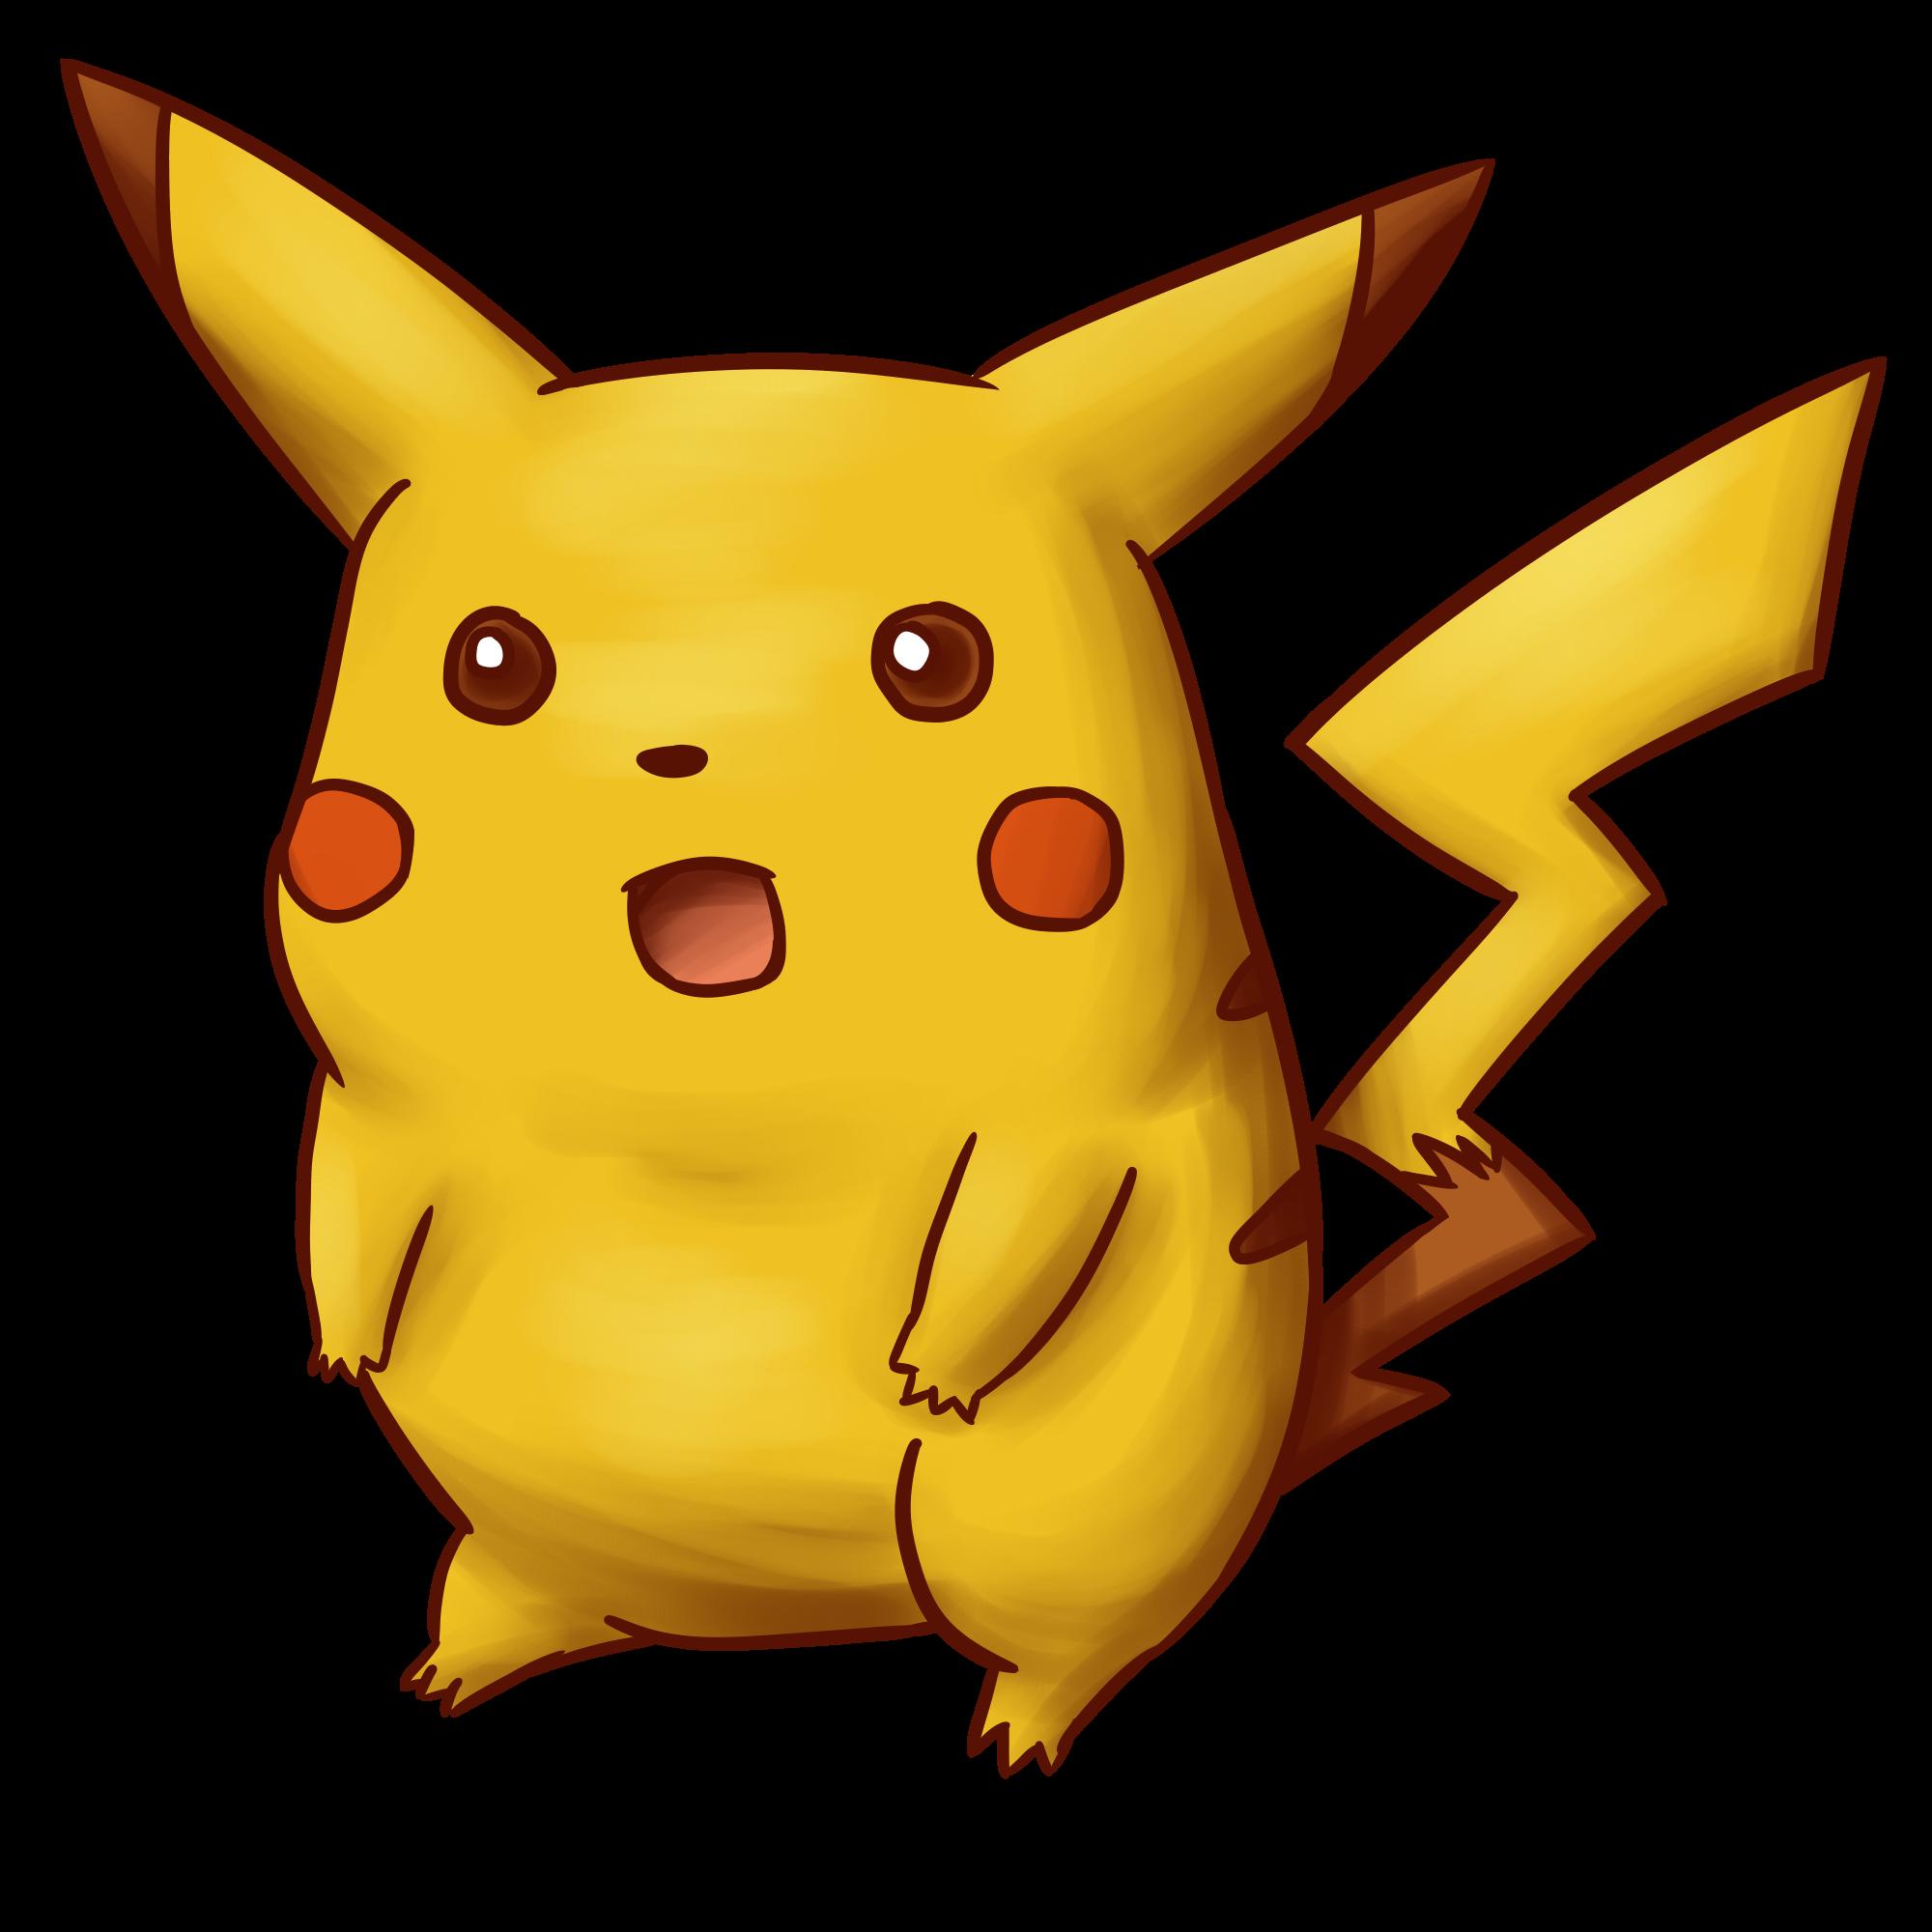 169774-pikachu-png